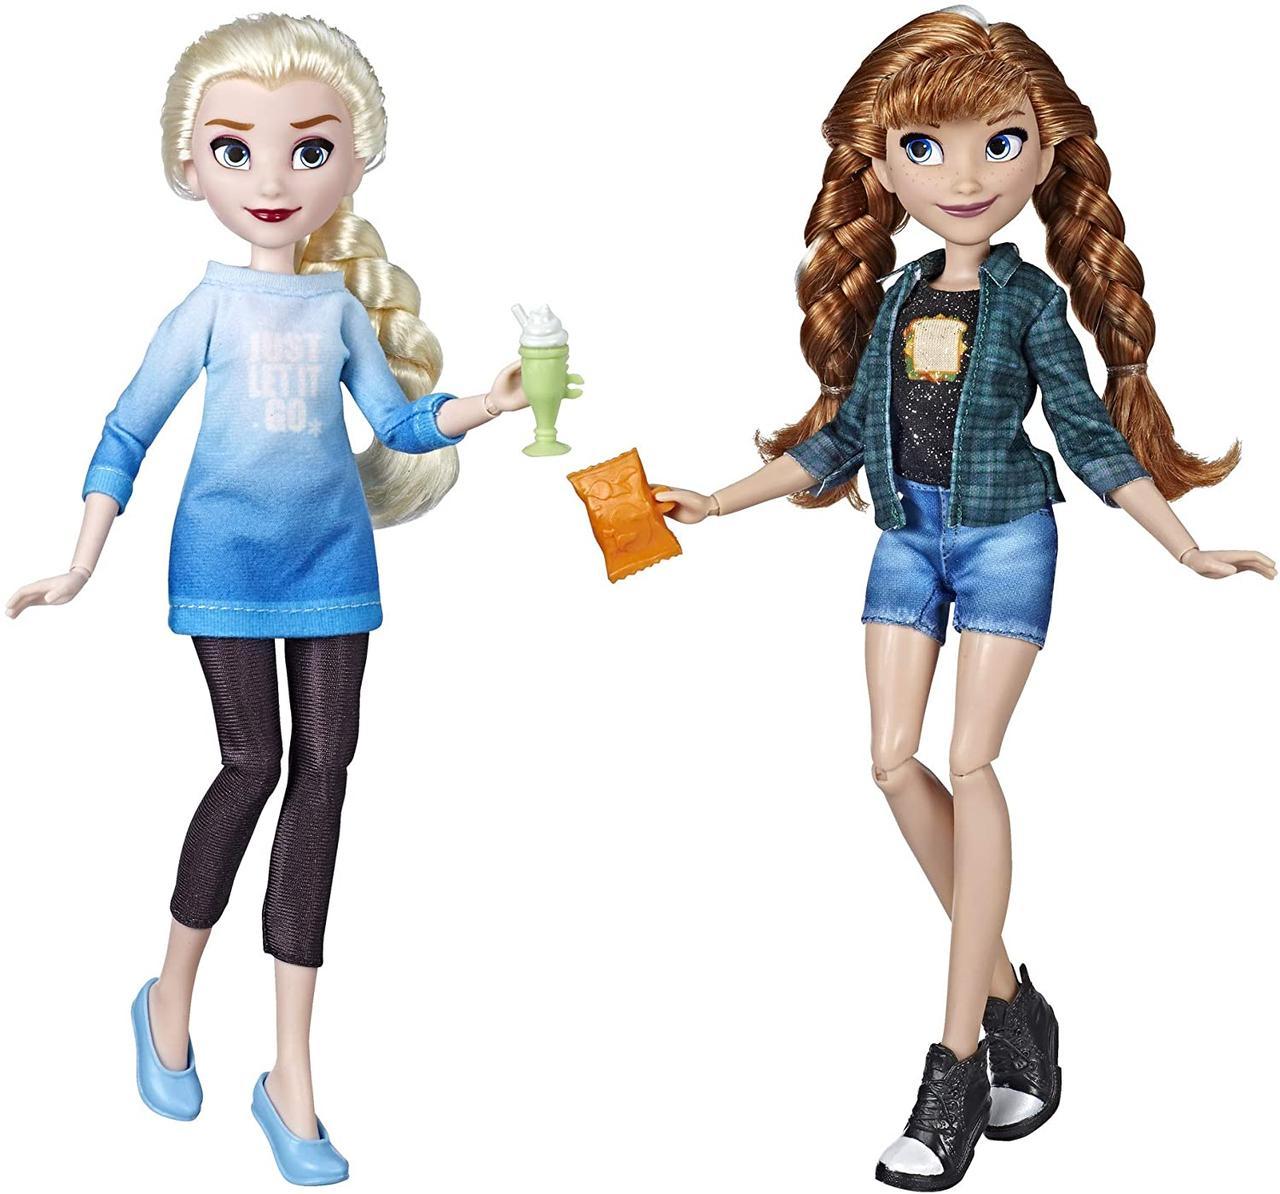 Кукла Эльза и Анна Холодное сердце 2 Дисней Disney Frozen 2 B07NDC